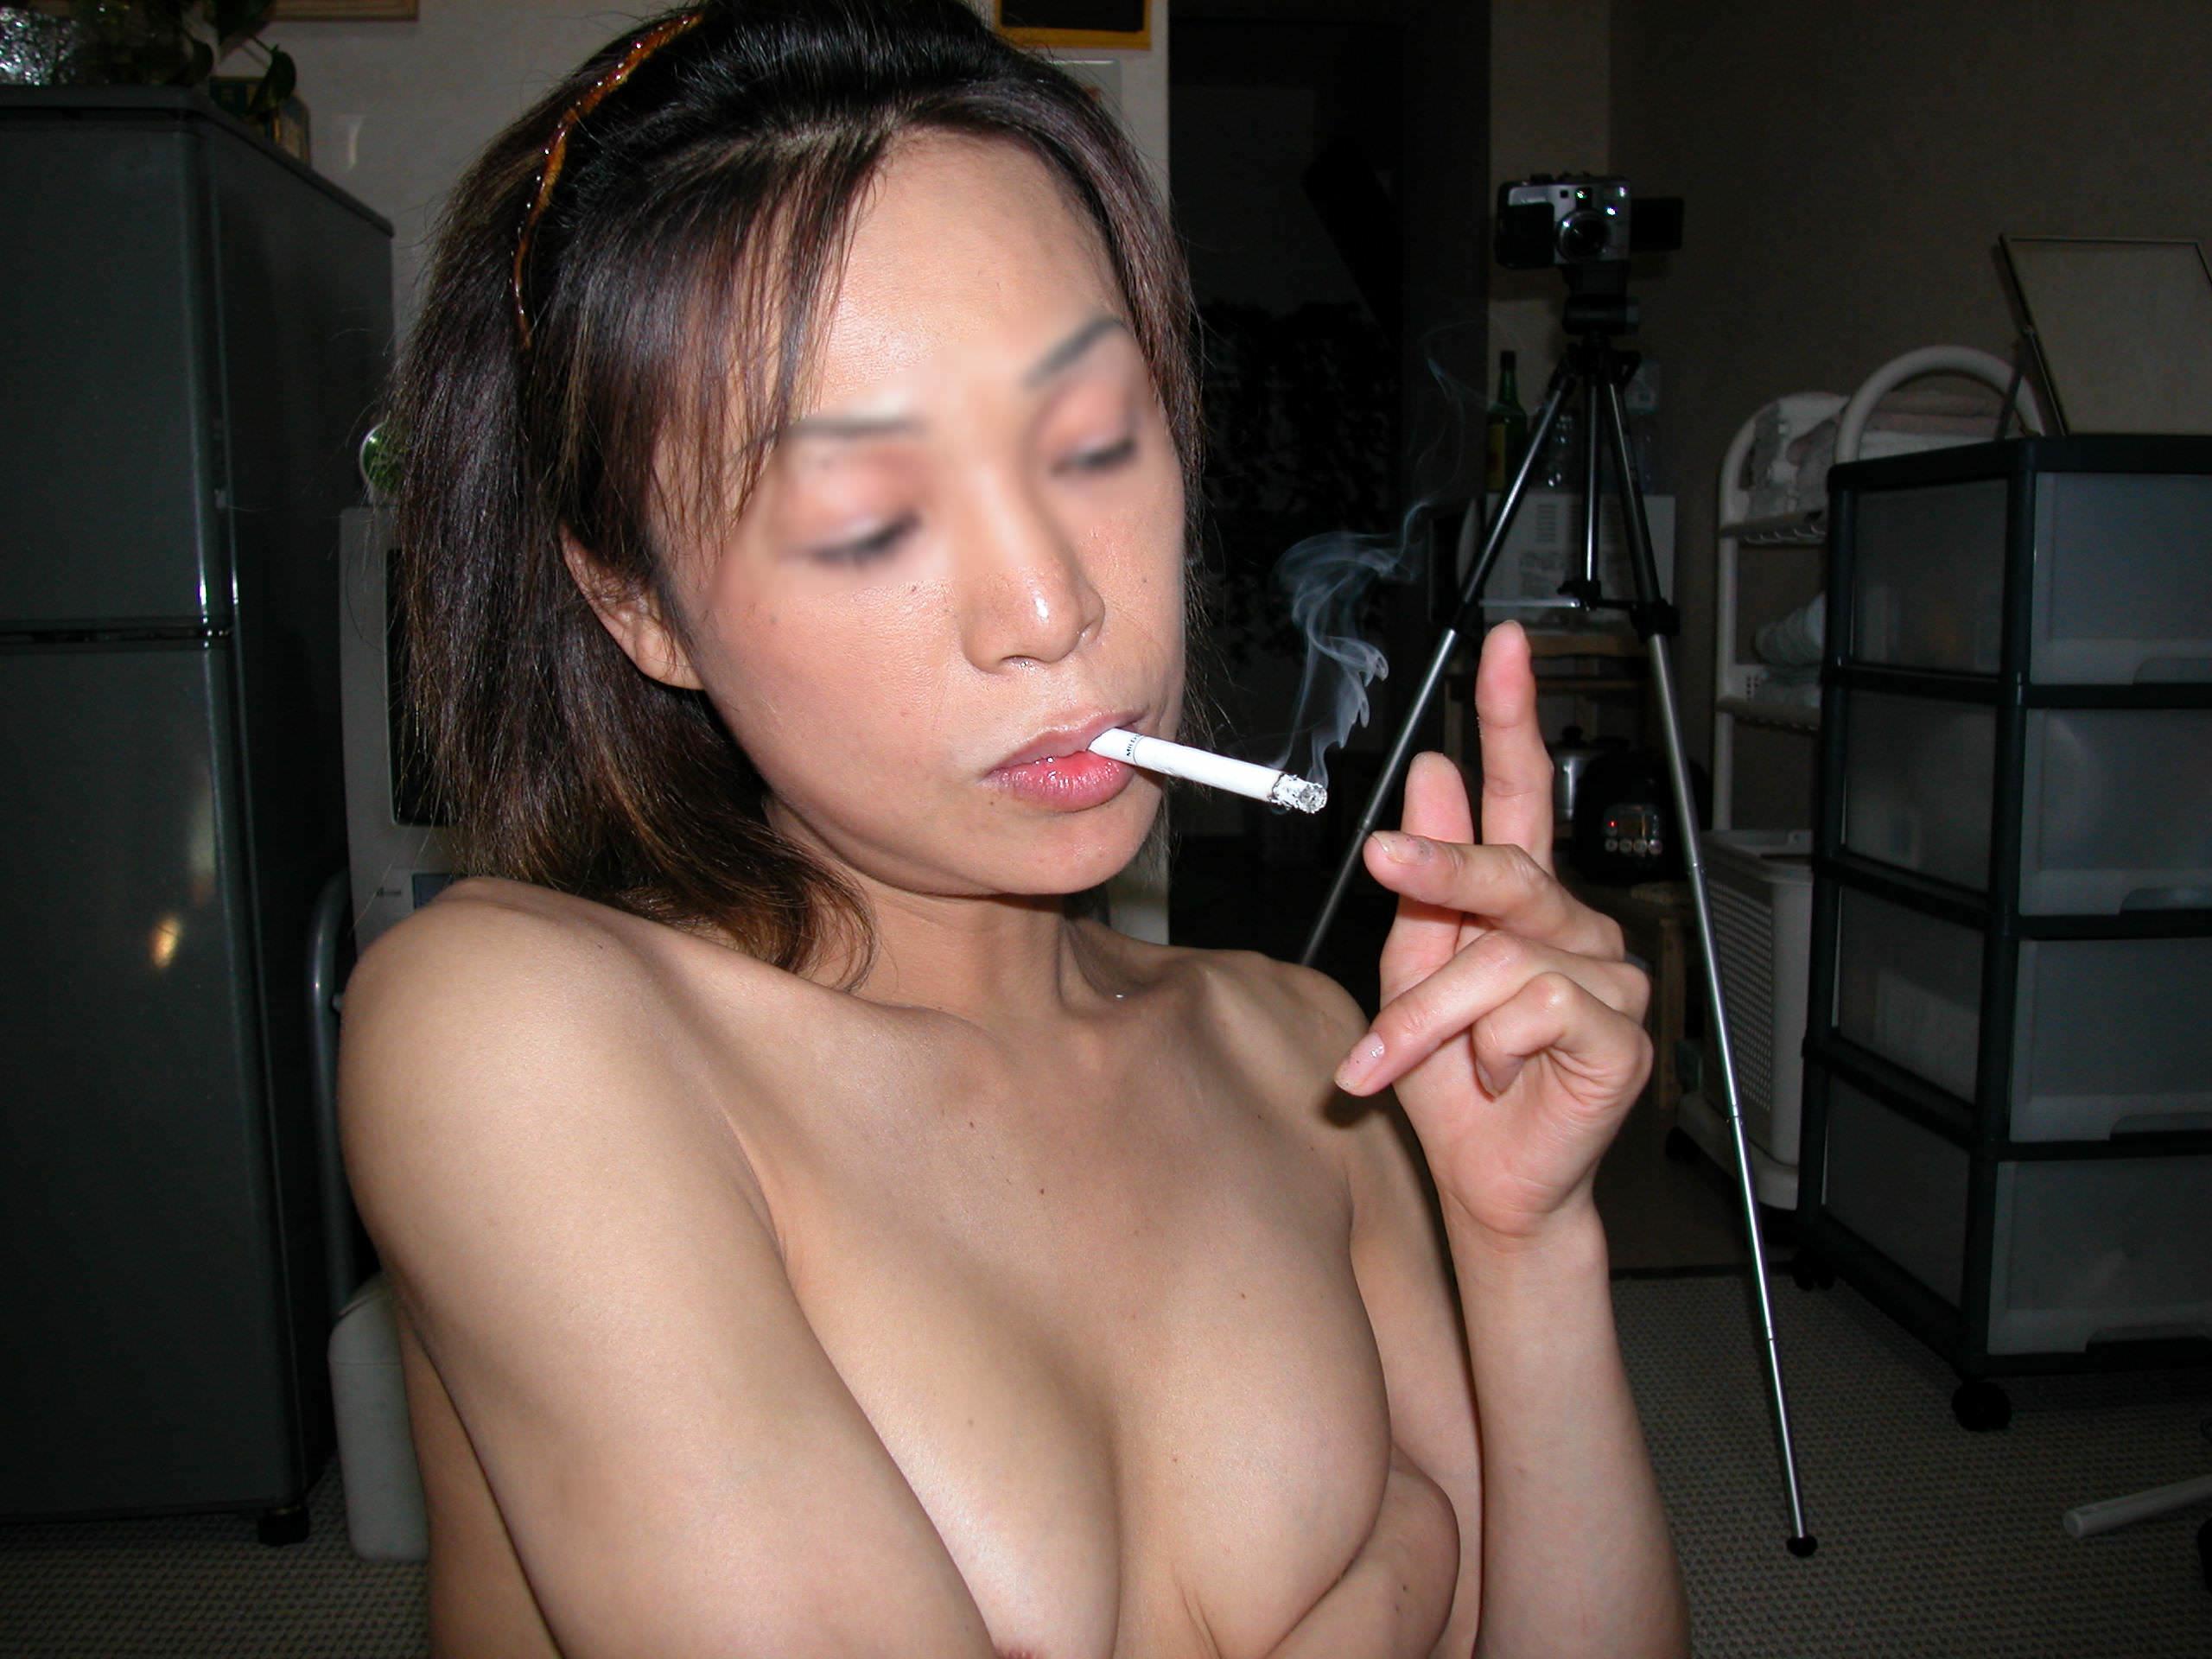 ヤニカスまんさん!激しいエッチが終わった後に全裸でタバコふかす熟女がコチラですwwww 2742